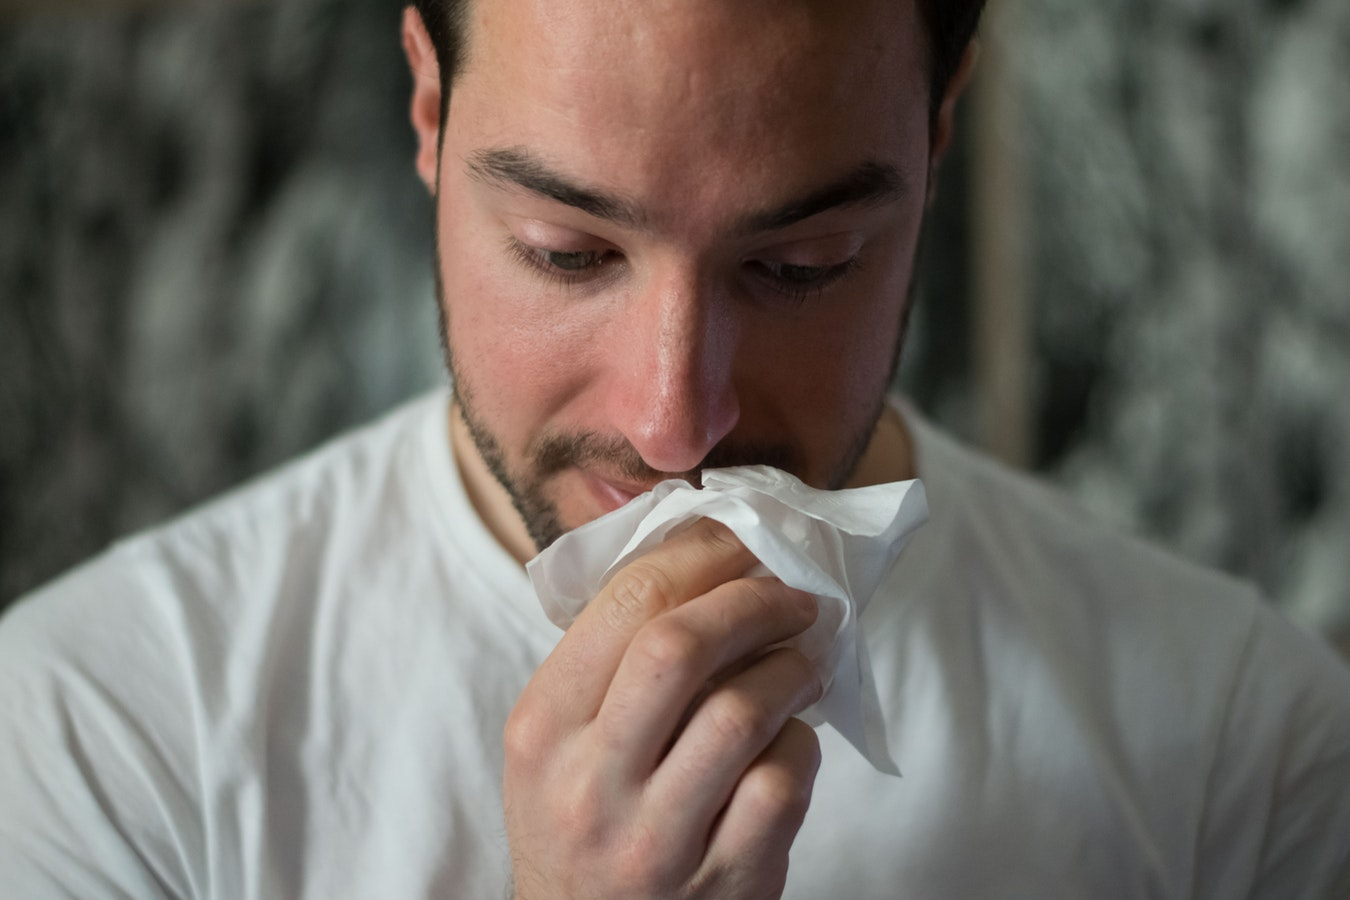 Γερμανία: Πρόωρη άνοιξη με πολλές αλλεργίες